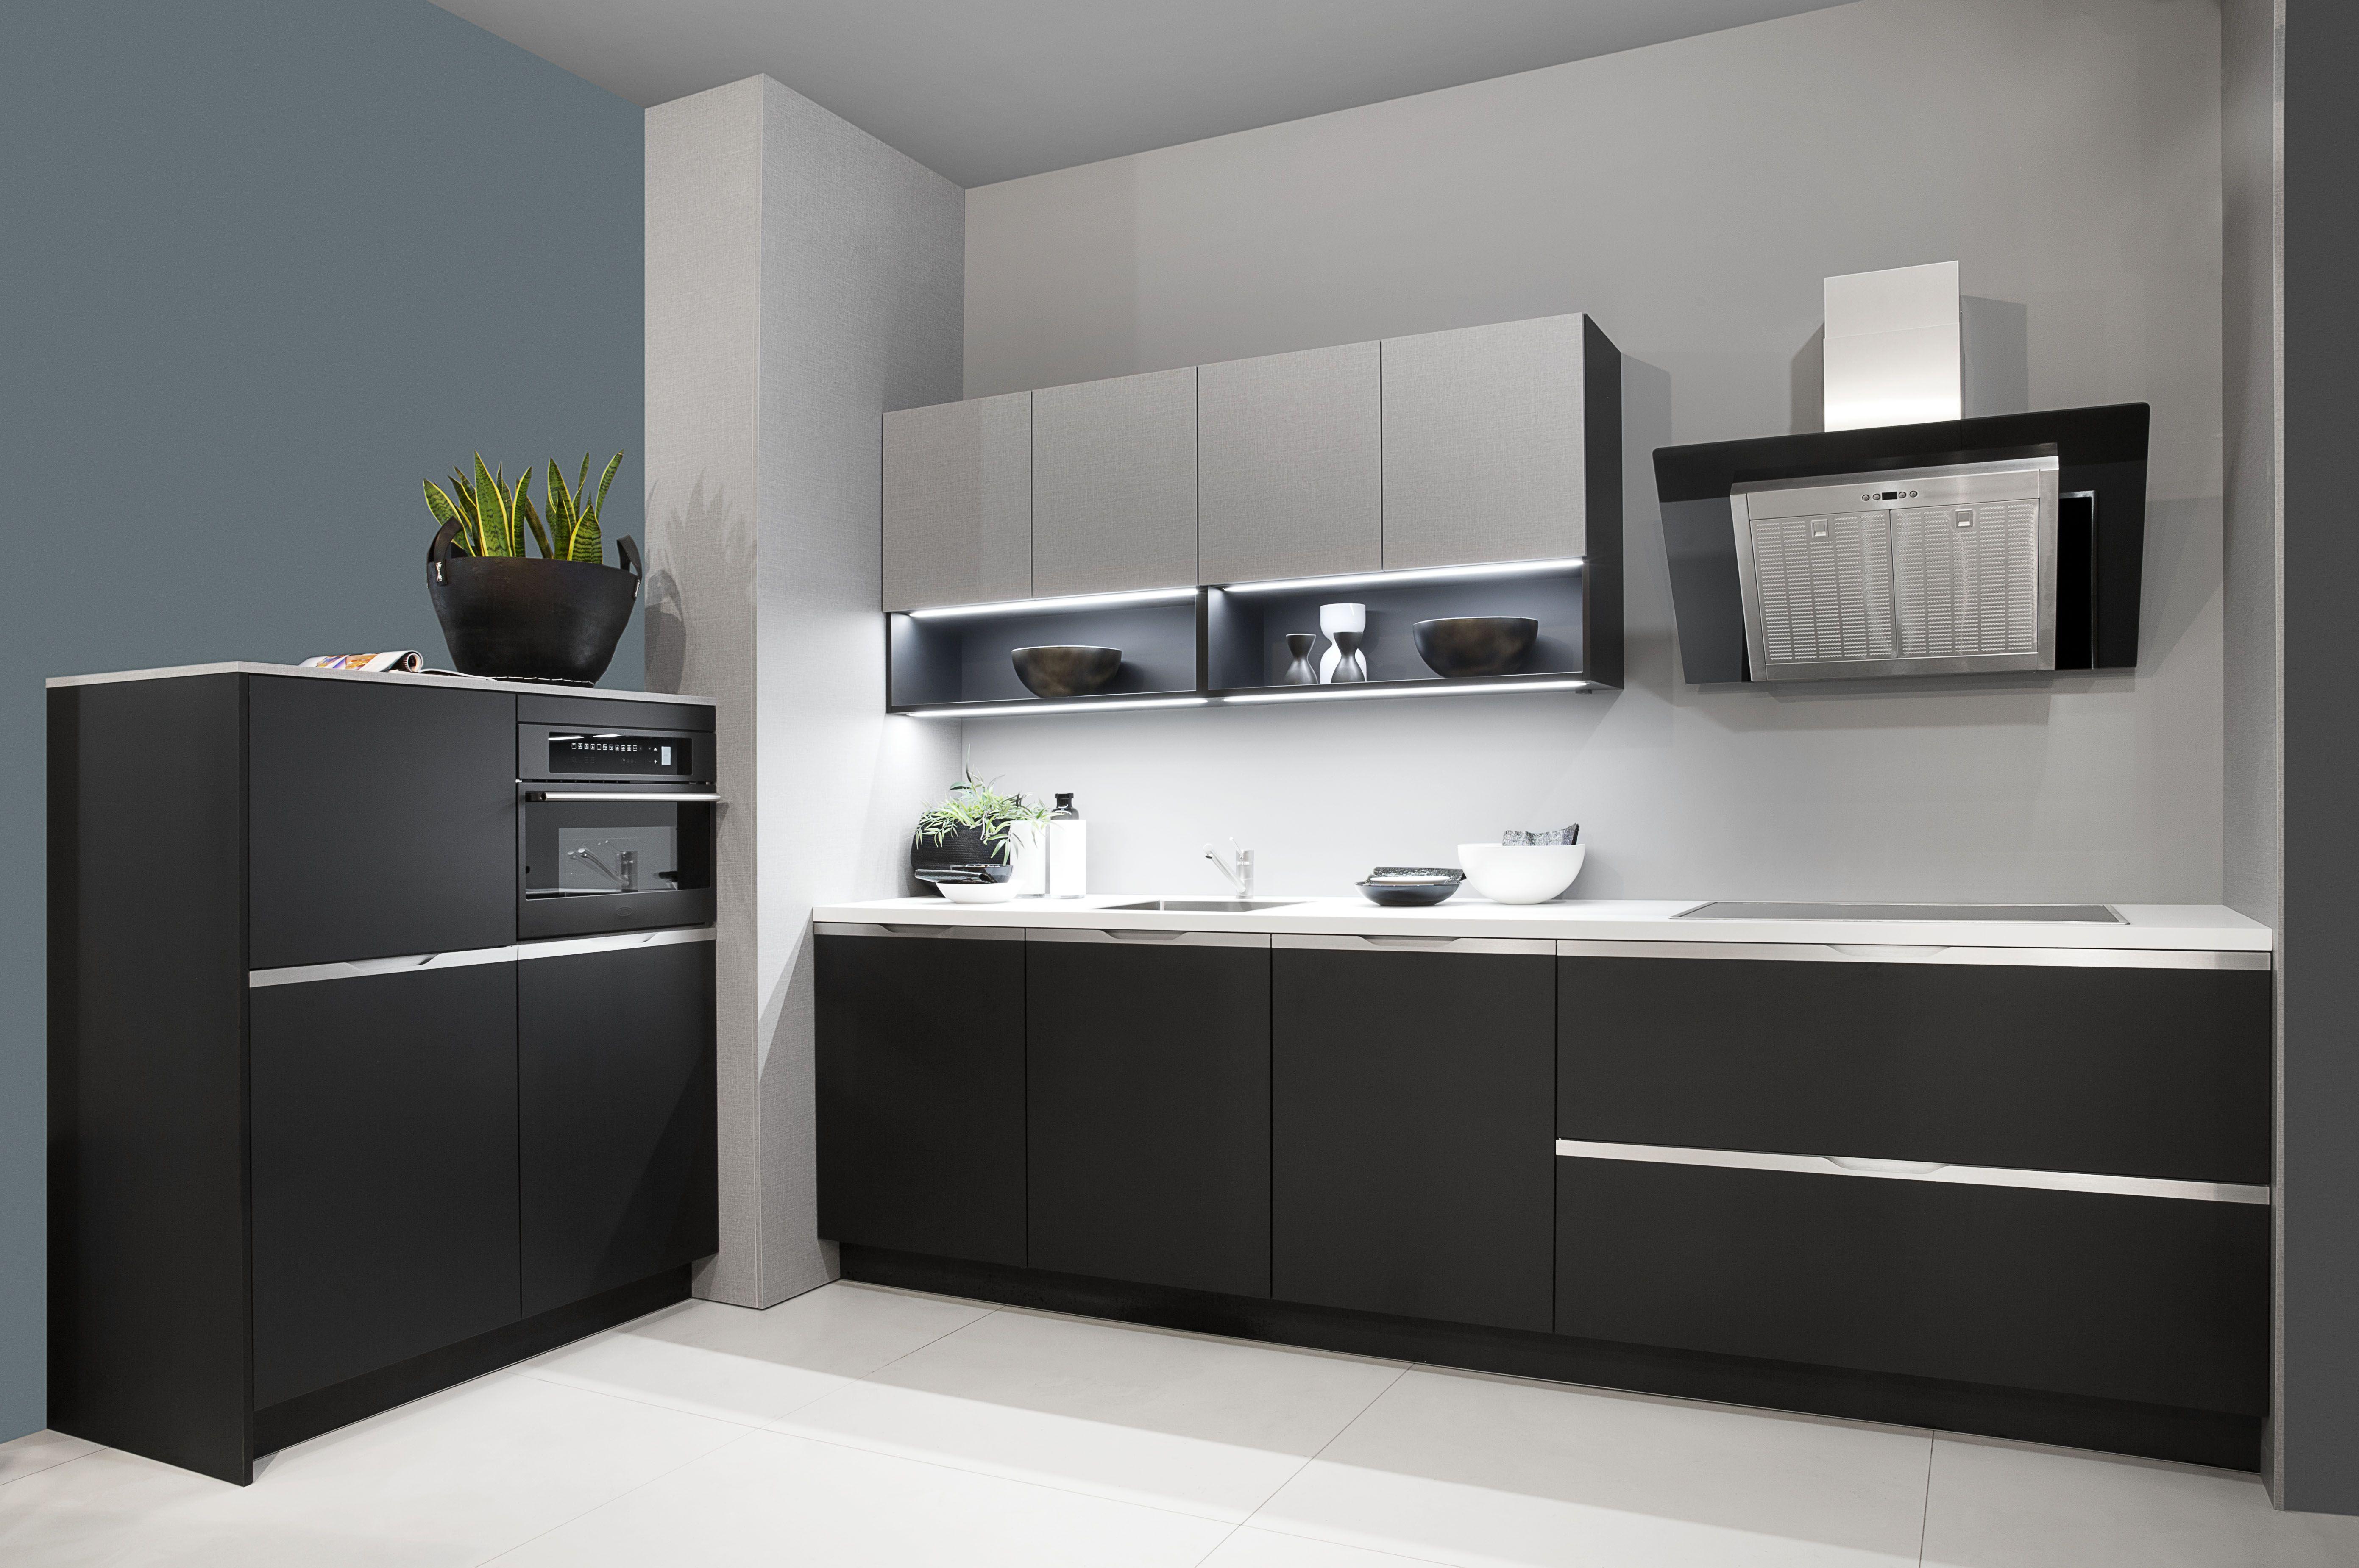 Keukens Etten Leur : Rotpunkt spelen met kleuren en open vakken in de keuken van